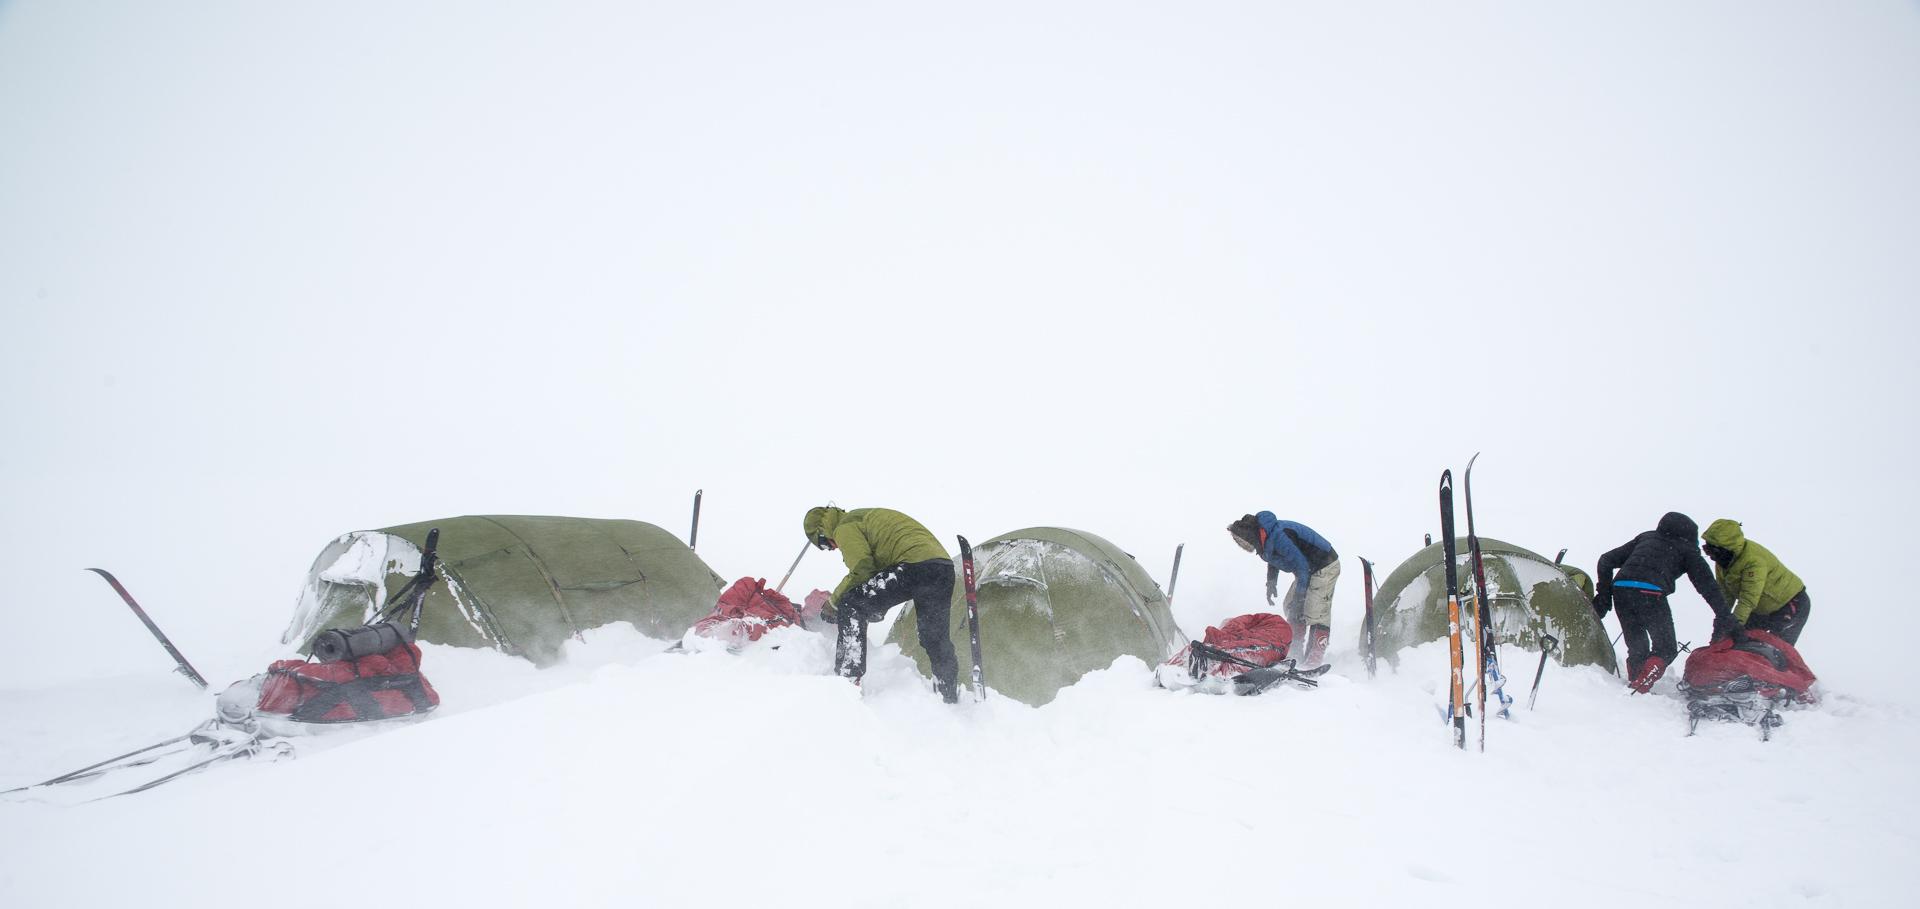 Slå leir i snøføyka © Liv Engholm, Turgleder